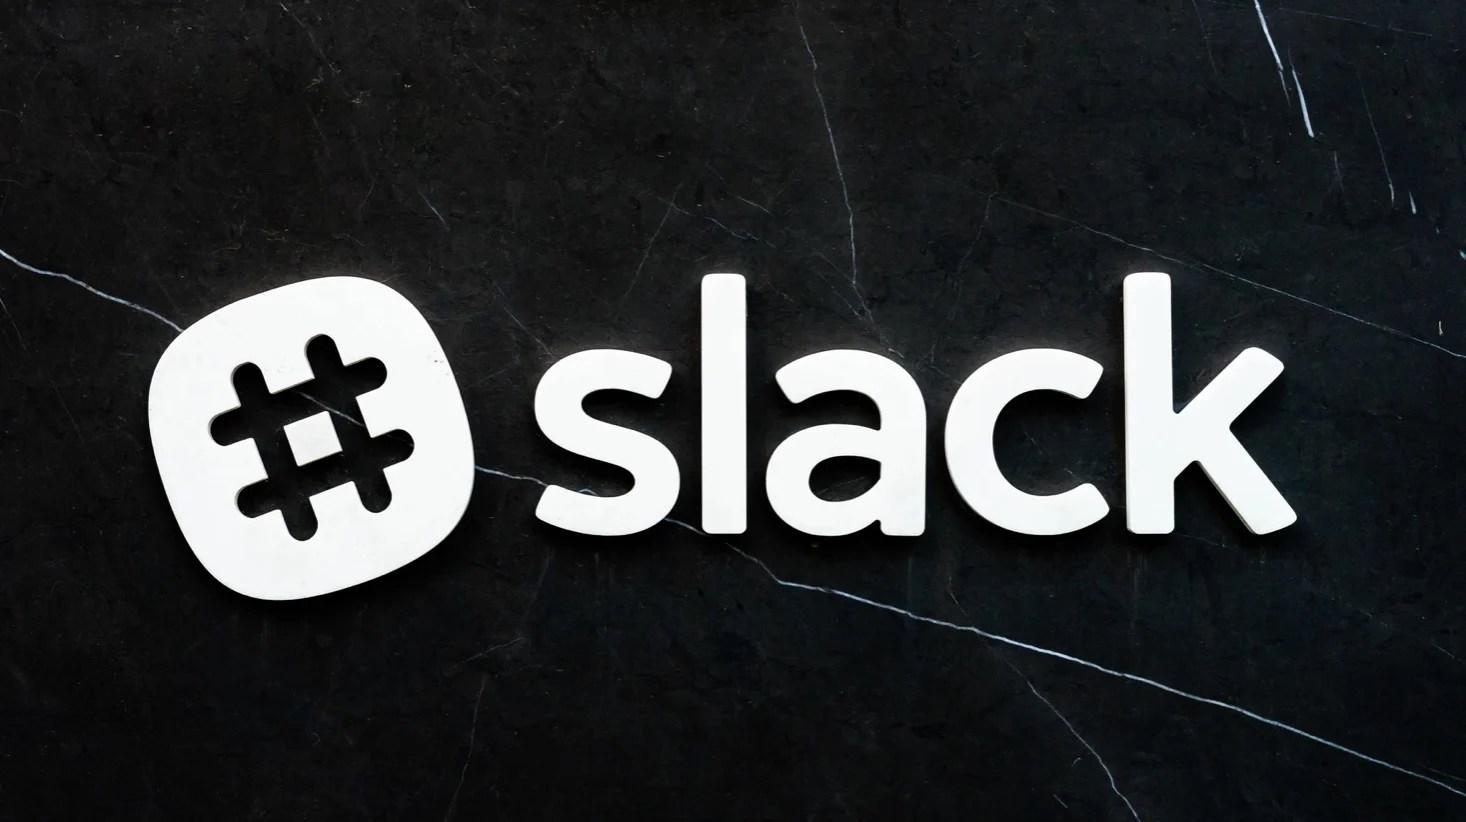 L'outil collaboratif Slack racheté par le géant Salesforce pour 27,7milliards